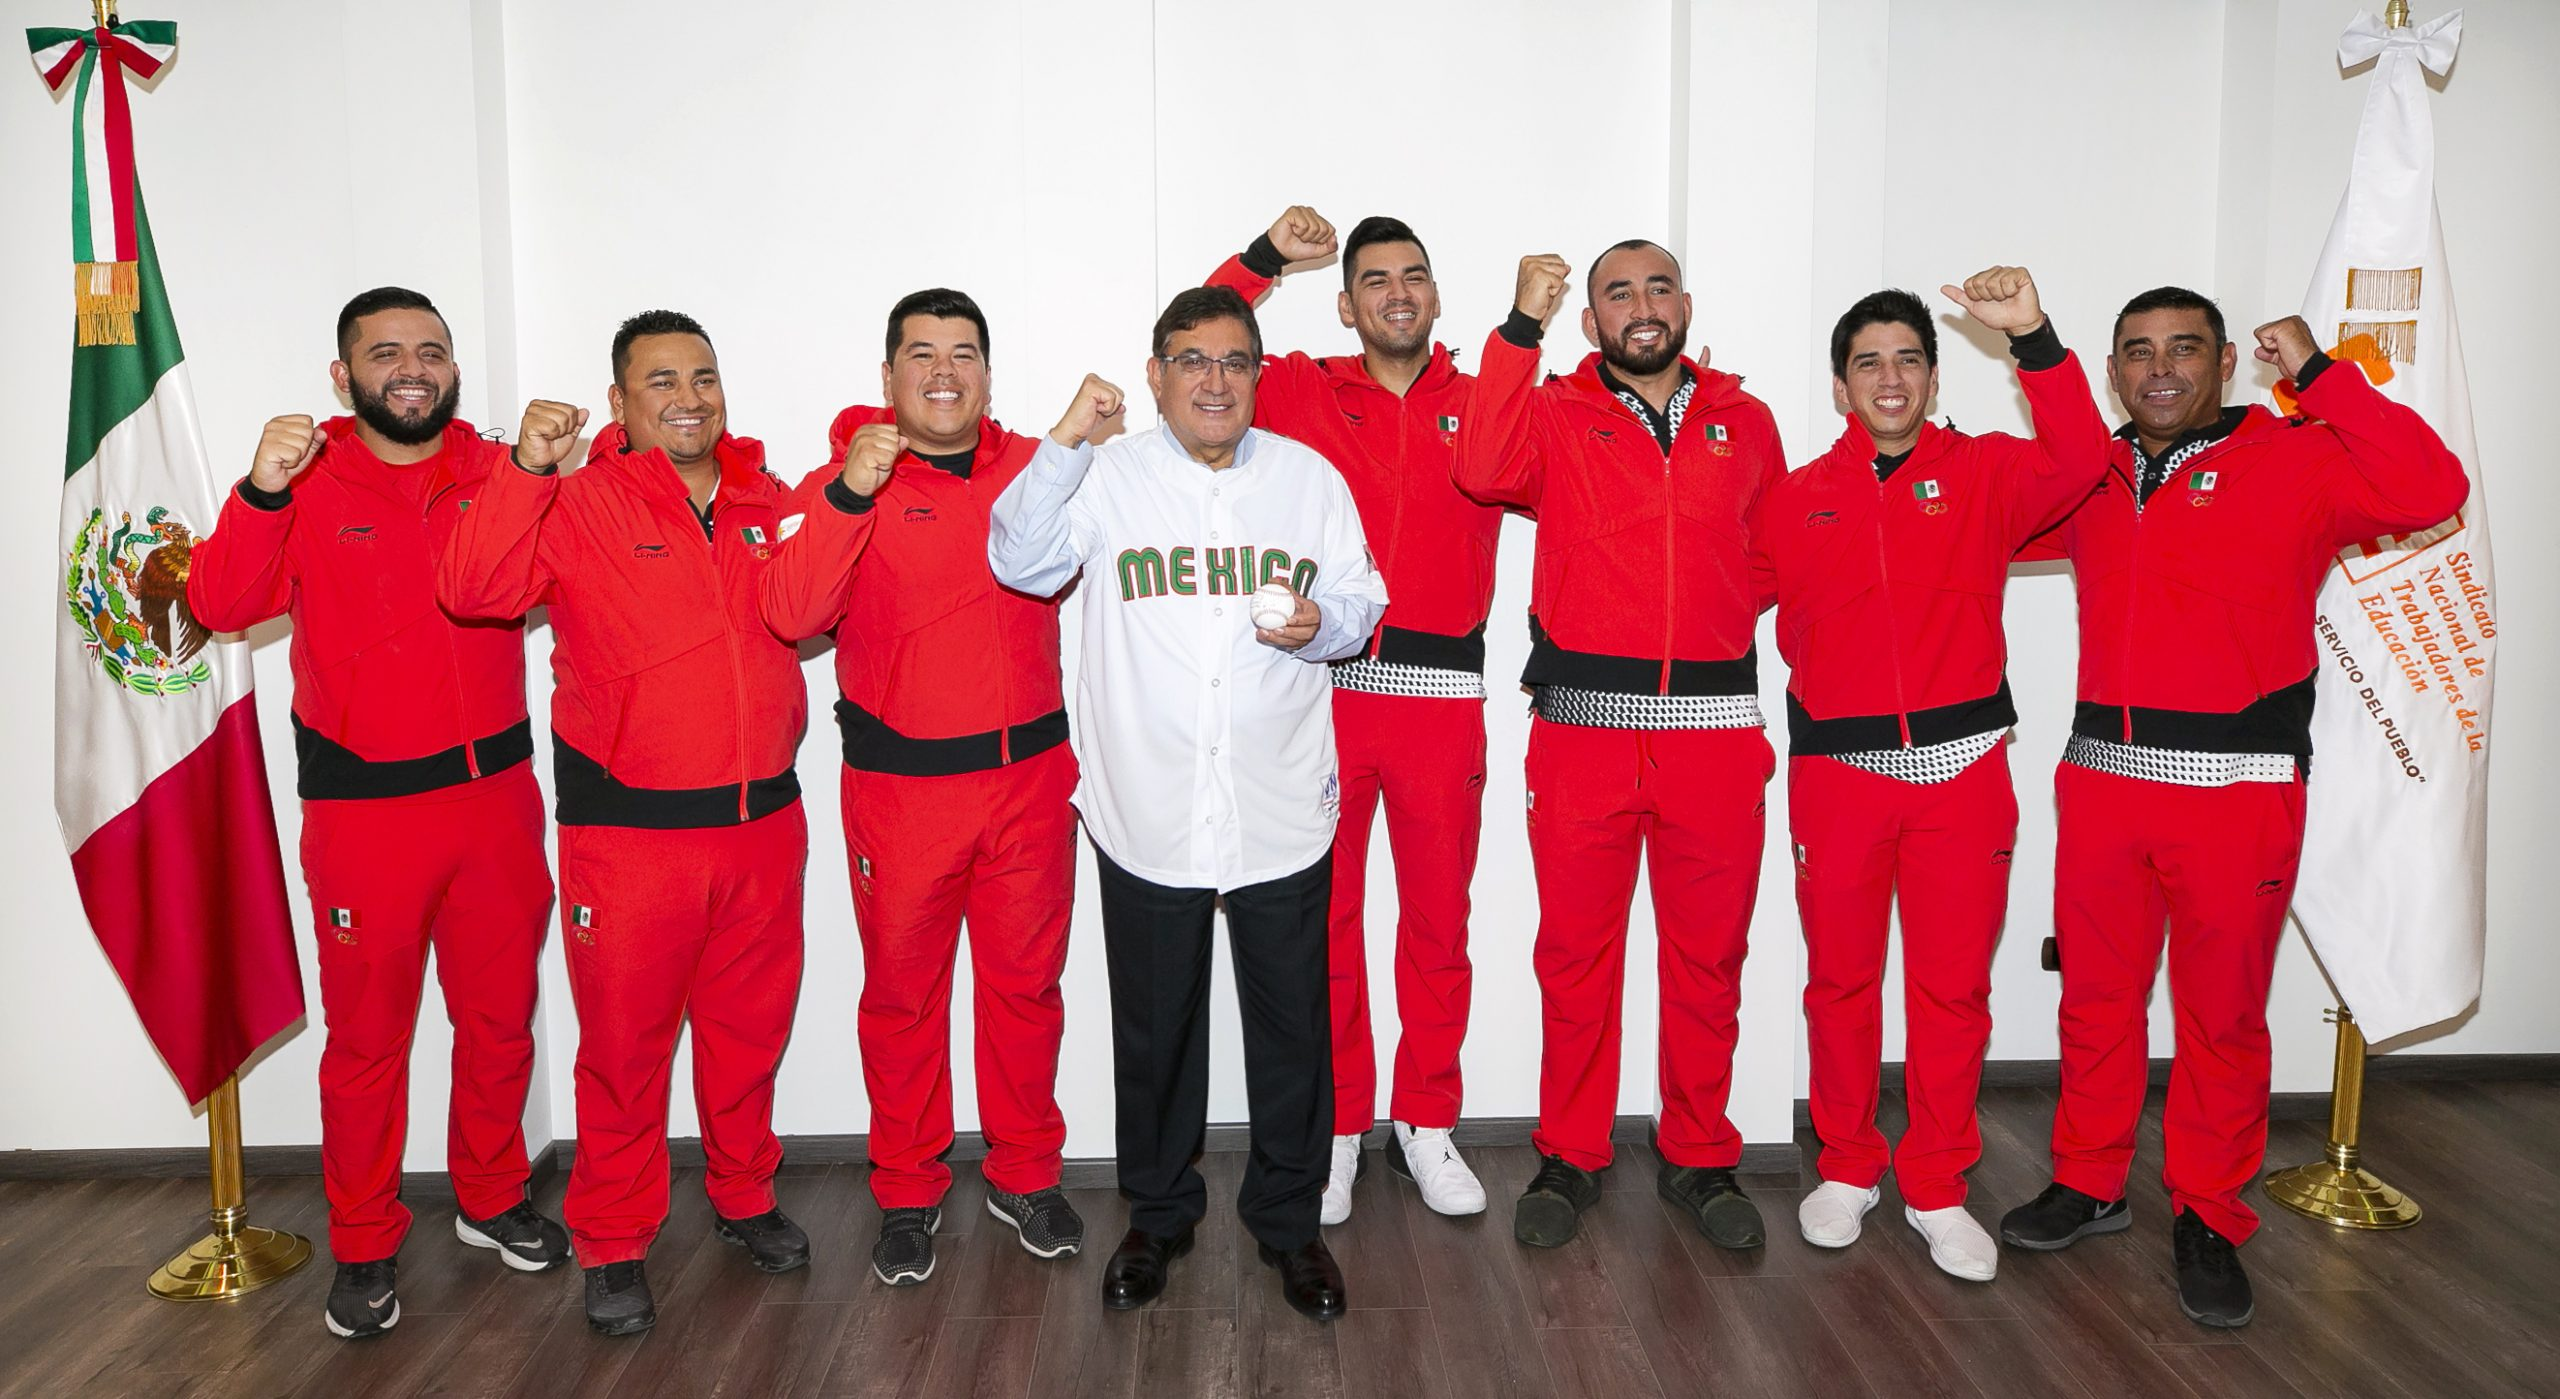 Recibe Cepeda Salas a maestros medallistas del SNTE que triunfaron en los Panamericanos